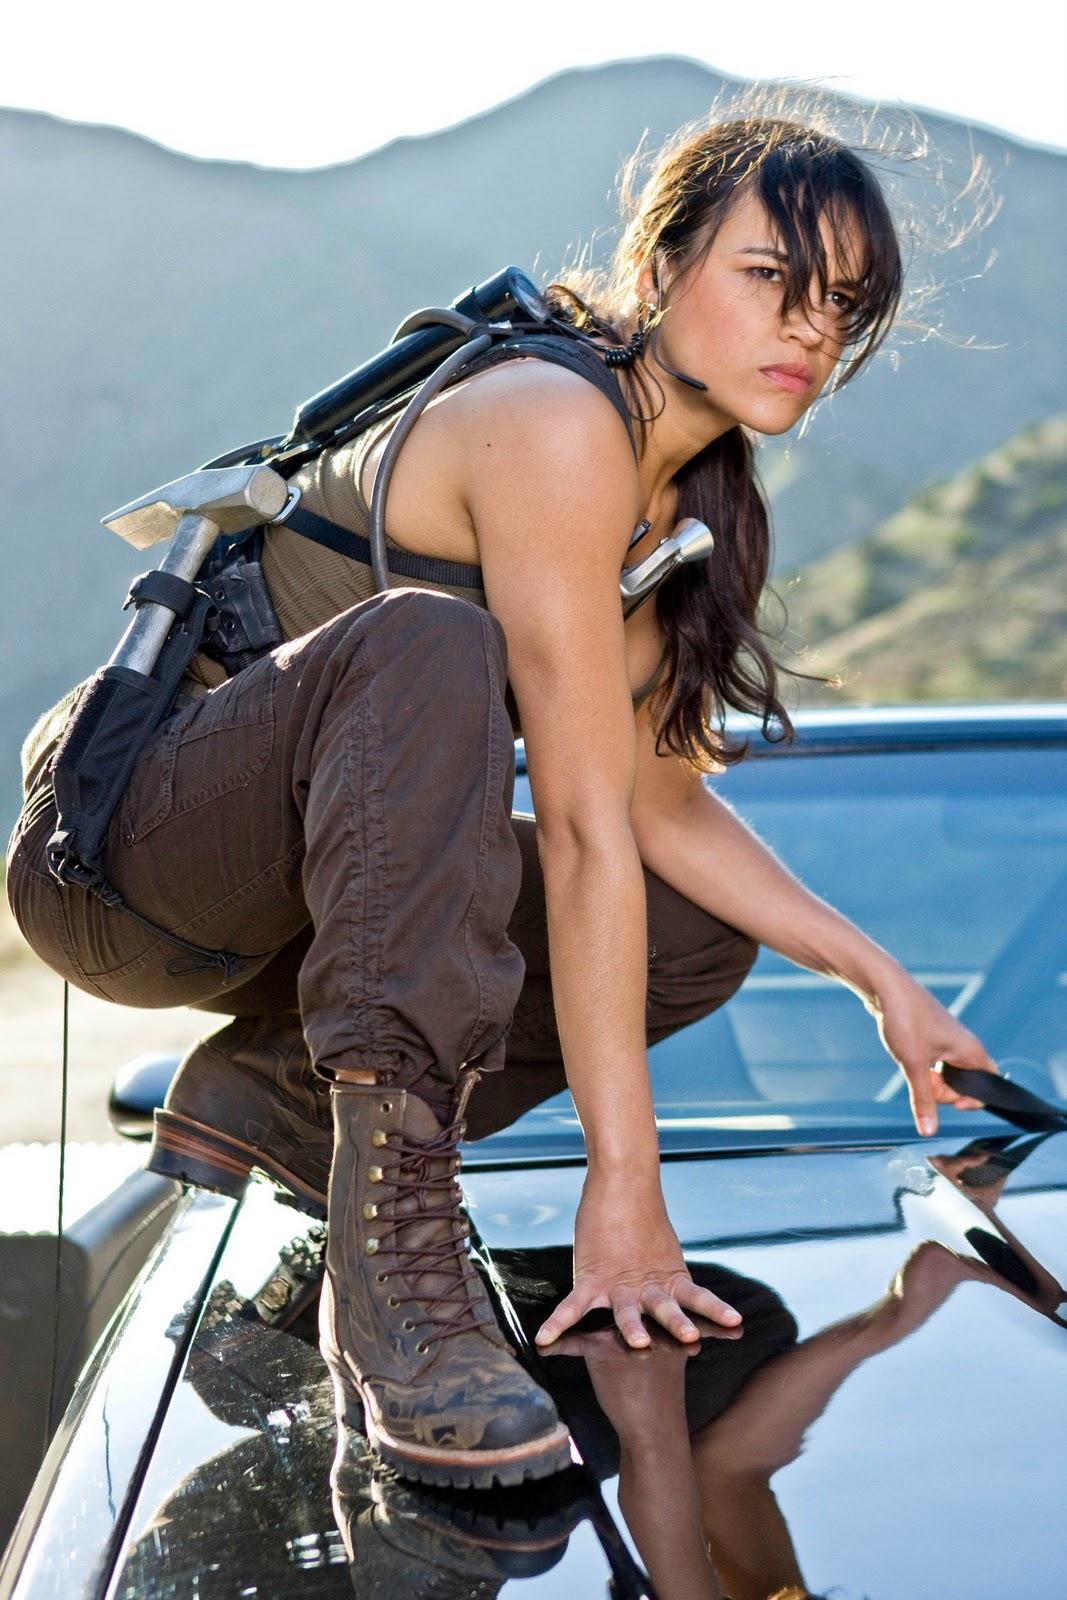 http://3.bp.blogspot.com/_kkG9LOCIFdw/S9fE71-azoI/AAAAAAAAAnY/BG3lGDCxilM/s1600/Michelle-in-Fast-Furious-michelle-rodriguez-4597922-1707-2560.jpg